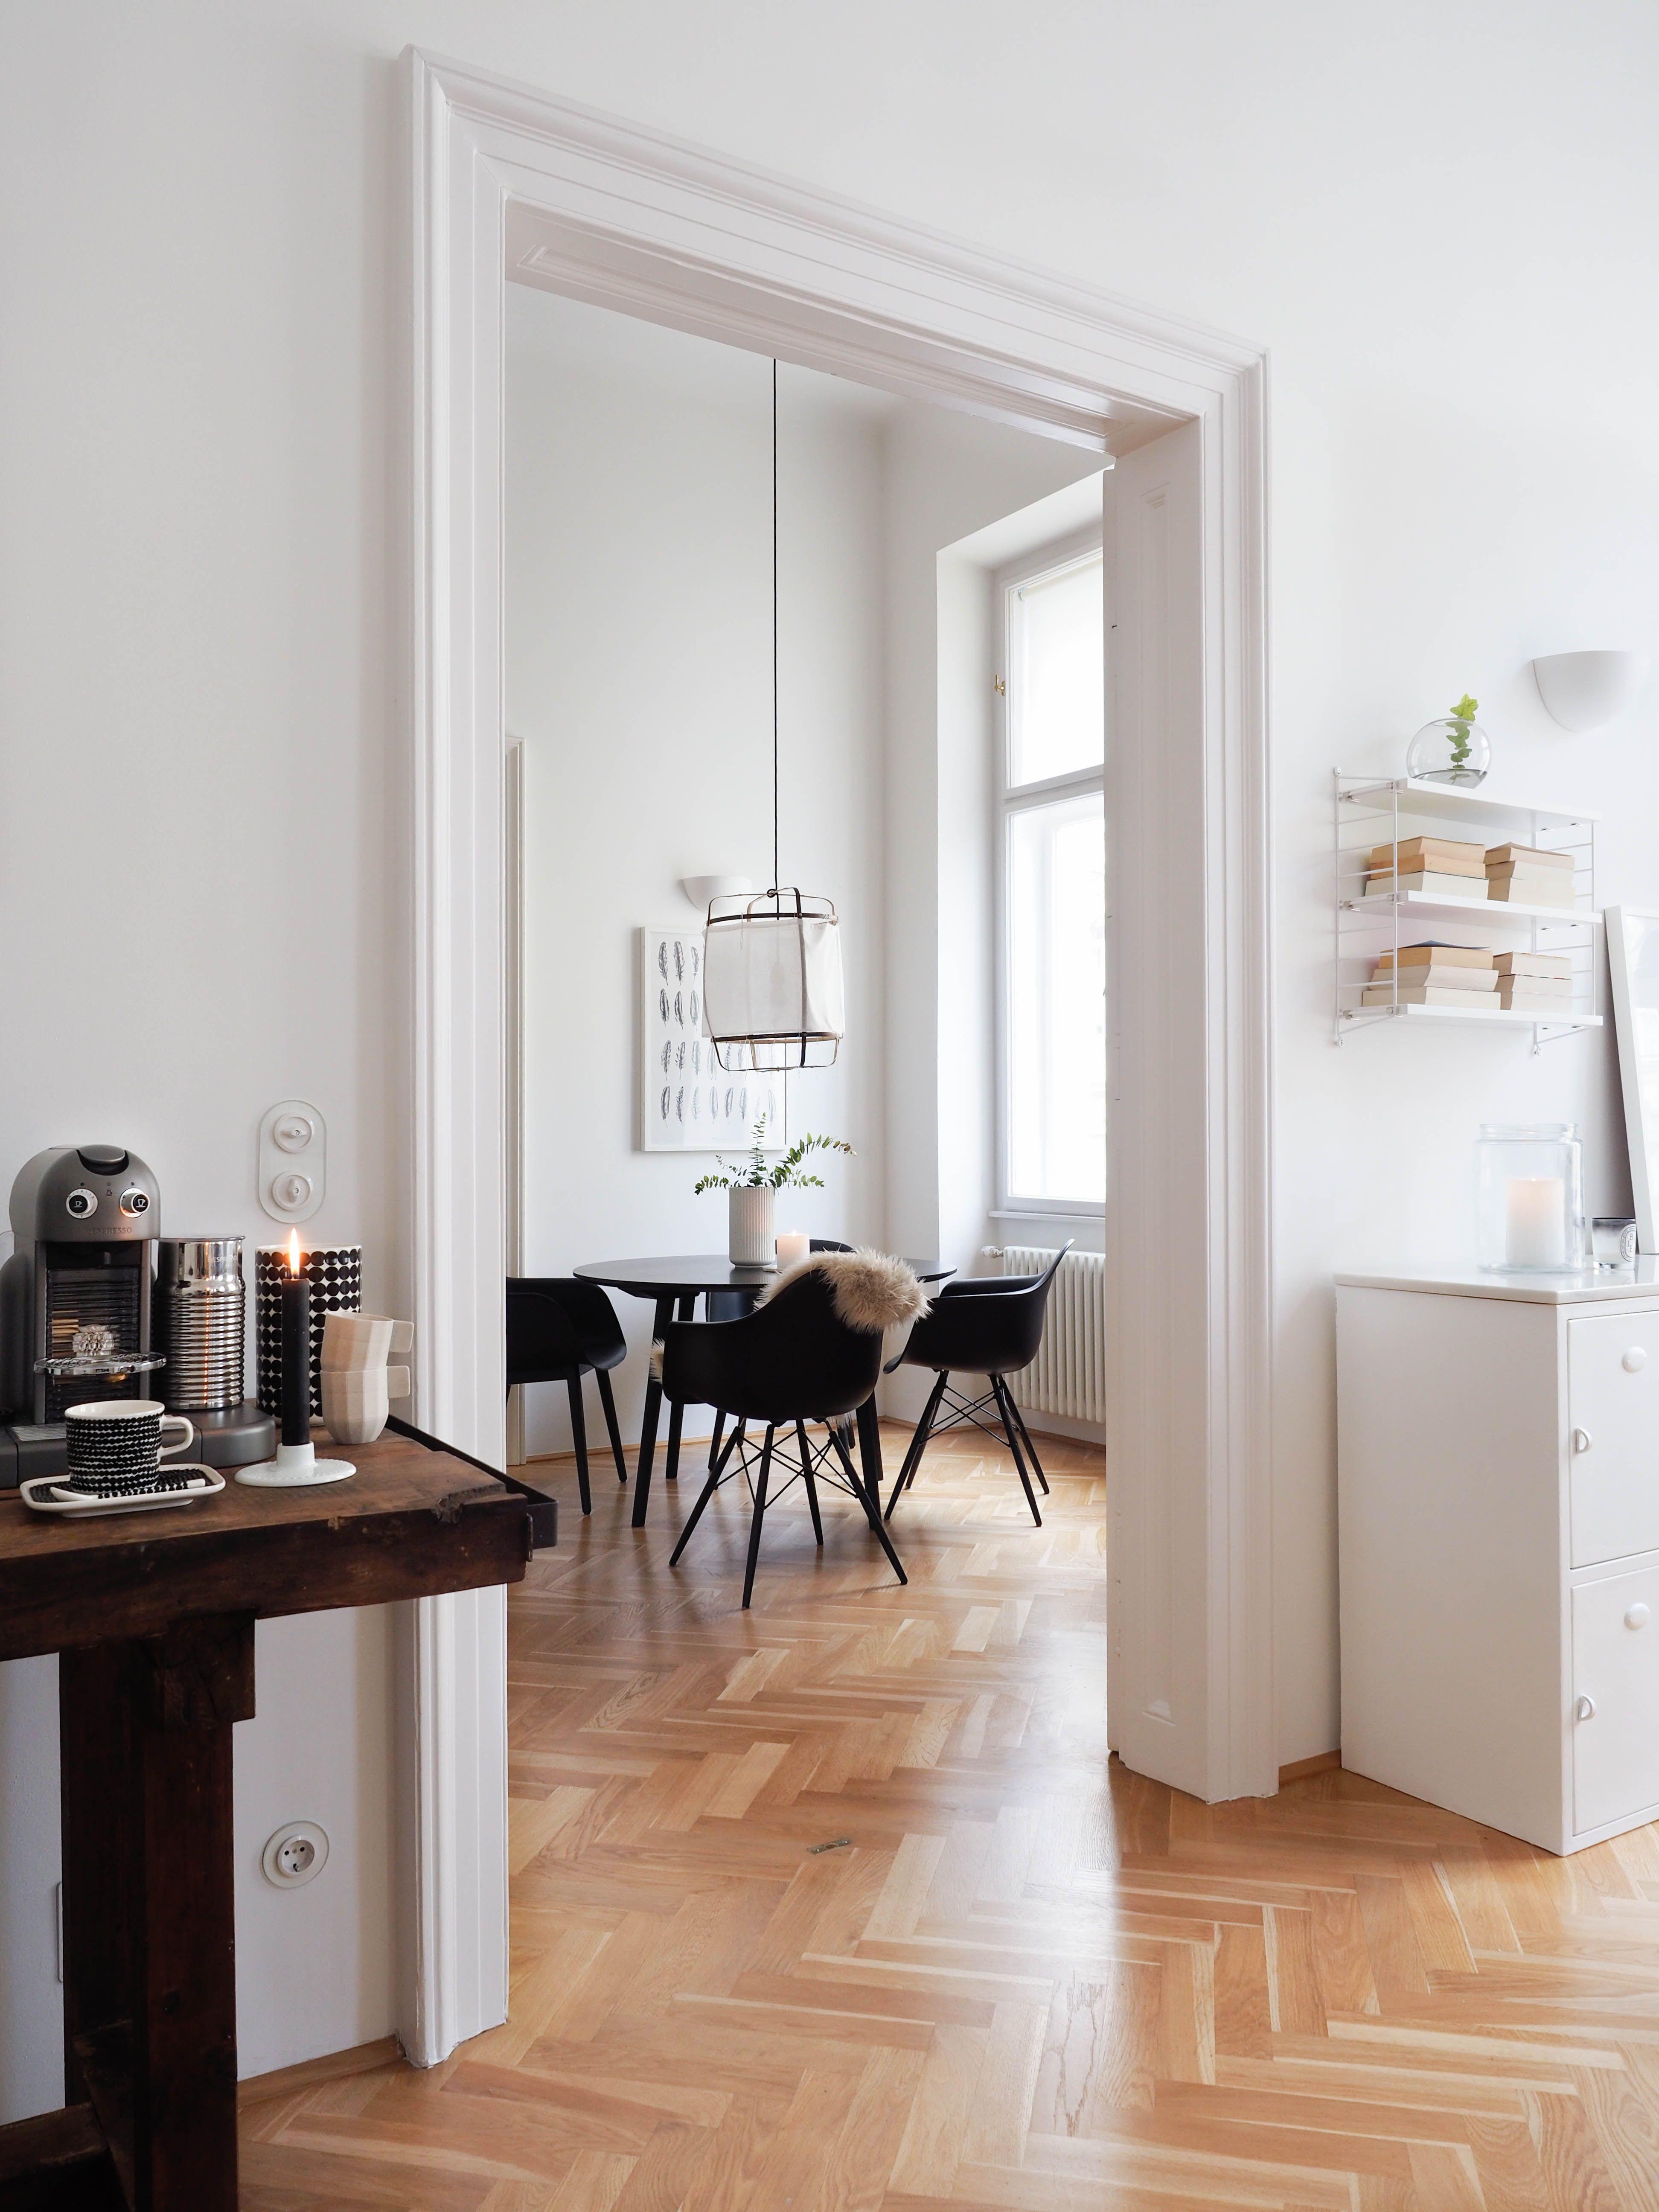 Scandinavian Home  Altbau  Hygge  Einrichtungsideen